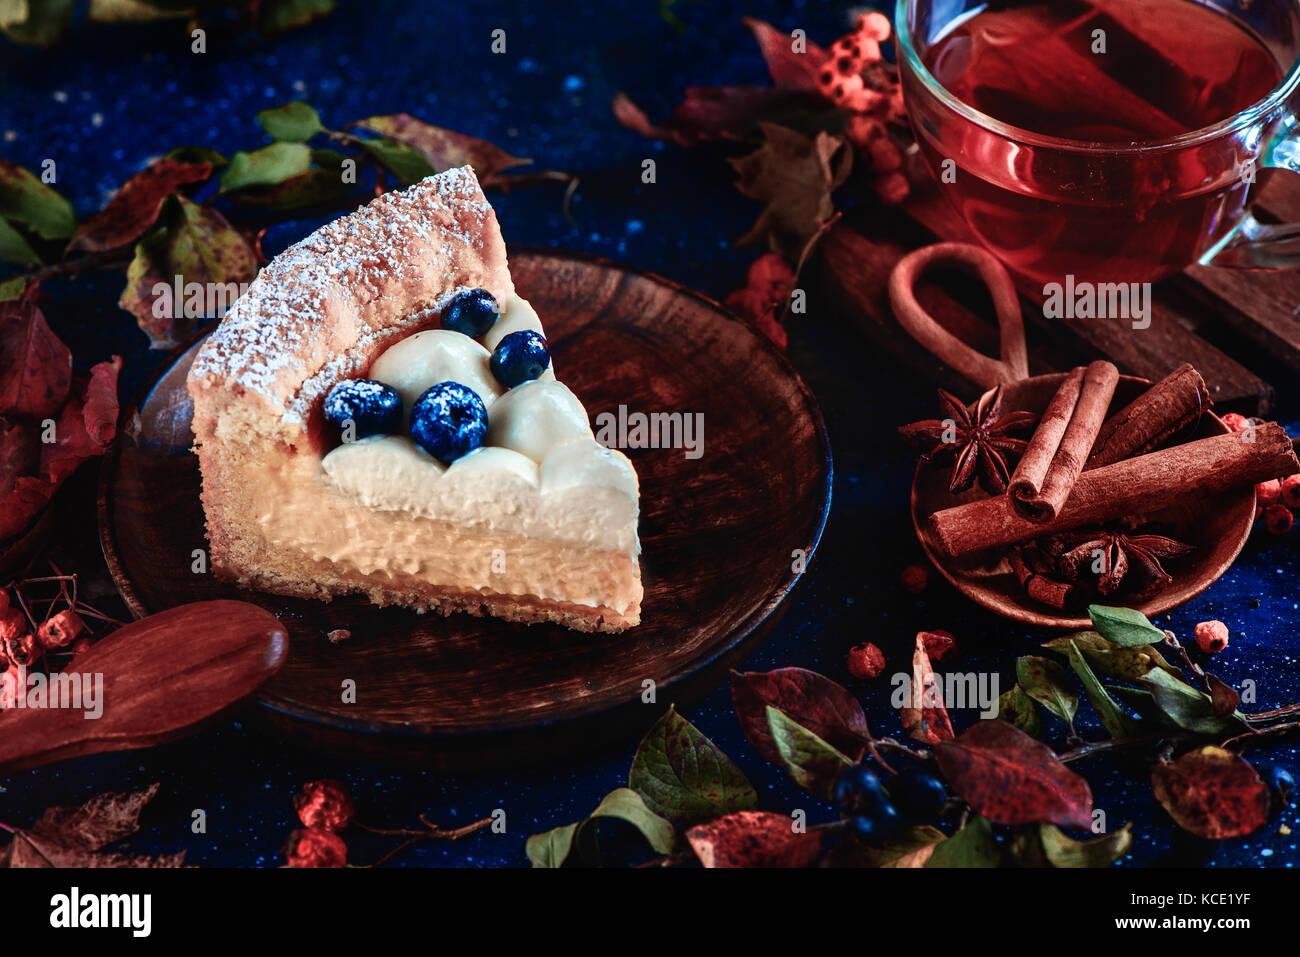 Crosta hommemade torta con crema wipped, mirtilli e purea di zucca su sfondo scuro con foglie e cannella. close Immagini Stock